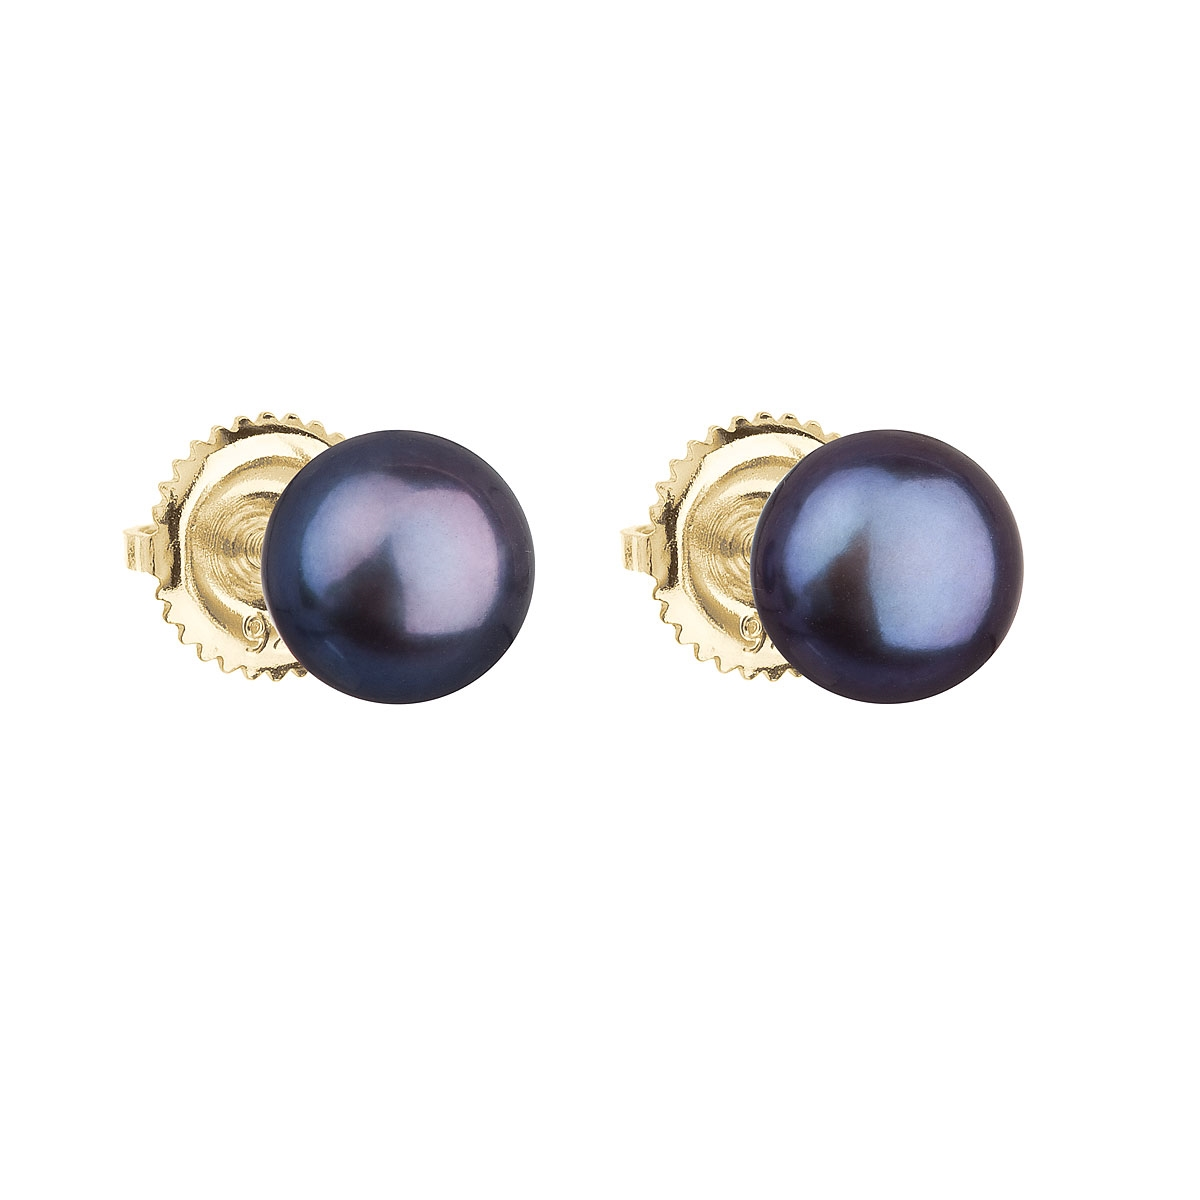 Zlaté 14ti karátové náušnice s modrou říční perlou EGZ004-DB